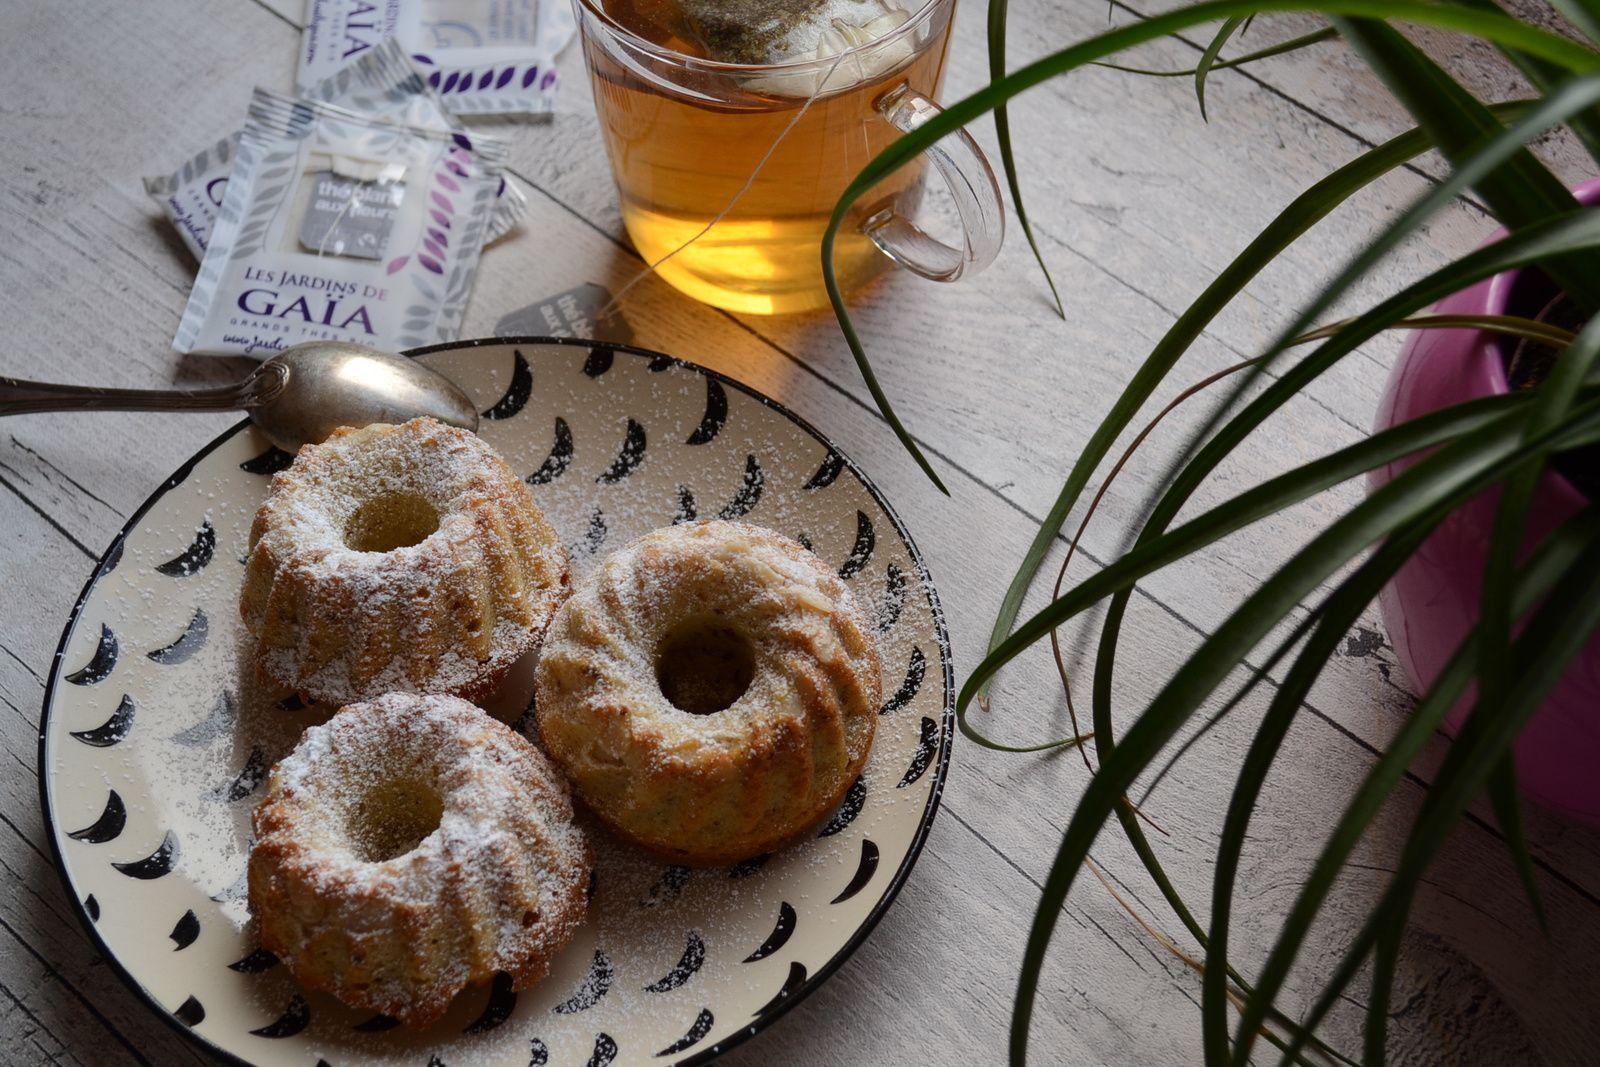 Petits gâteaux aux raisins et aux amandes